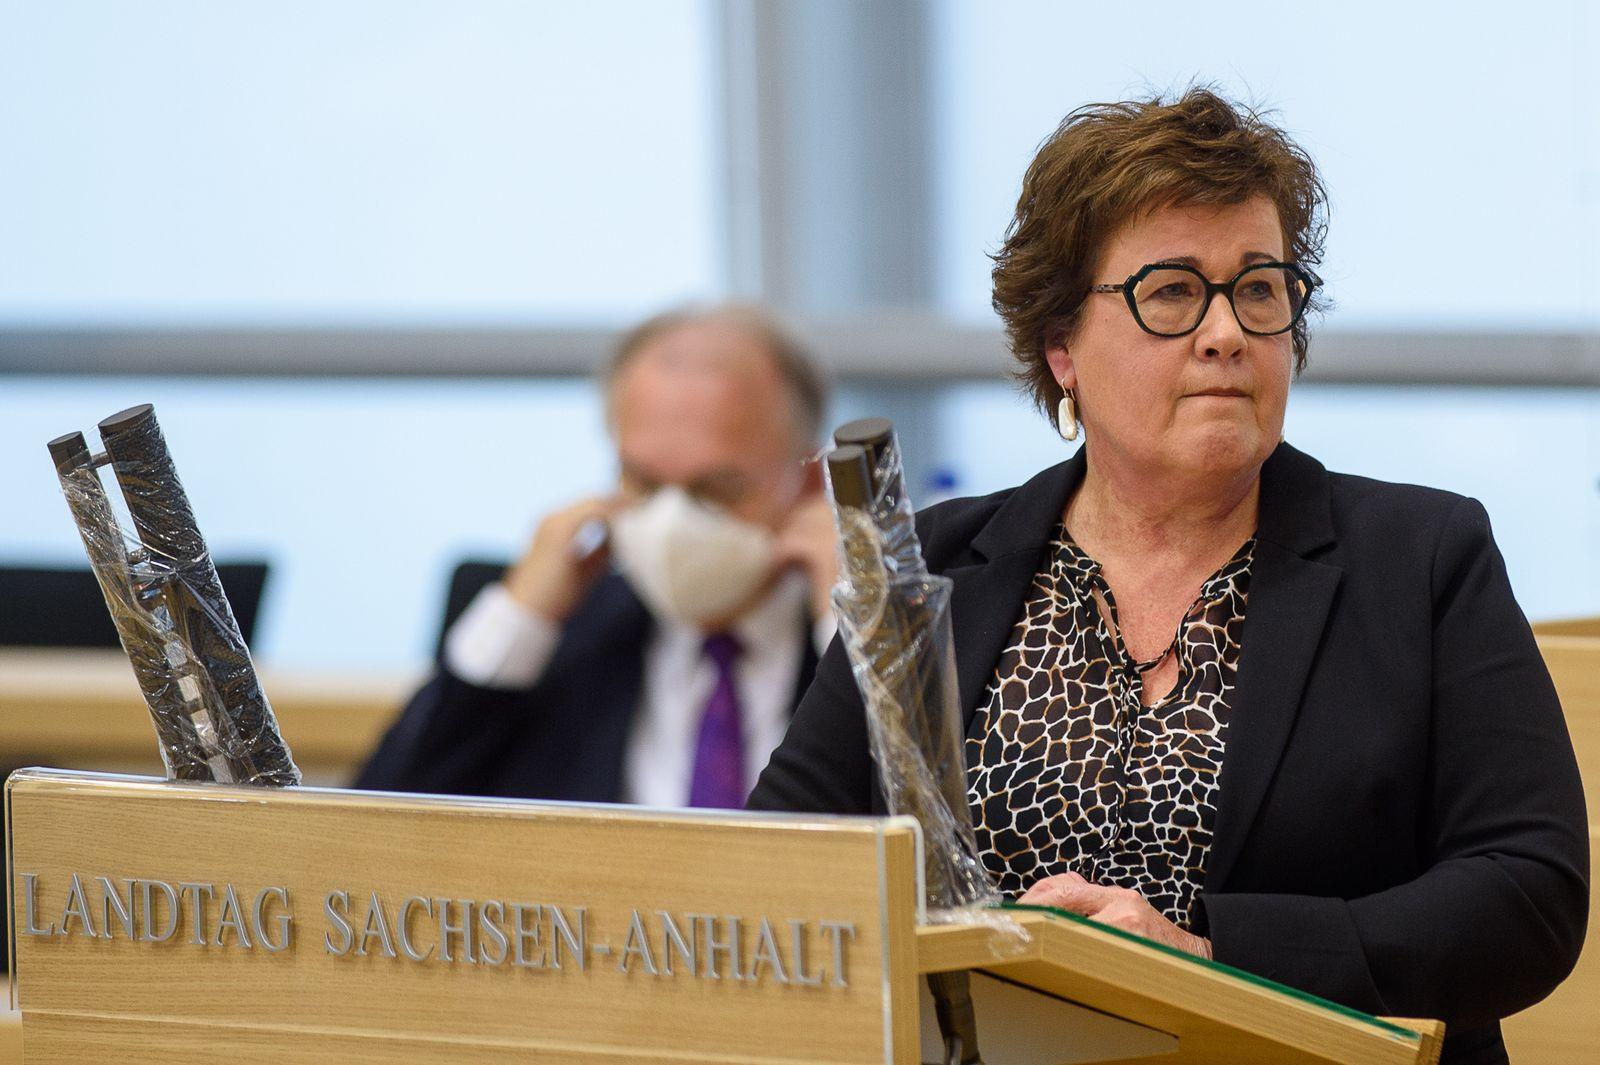 Sitzung Landtag Sachsen-Anhalt